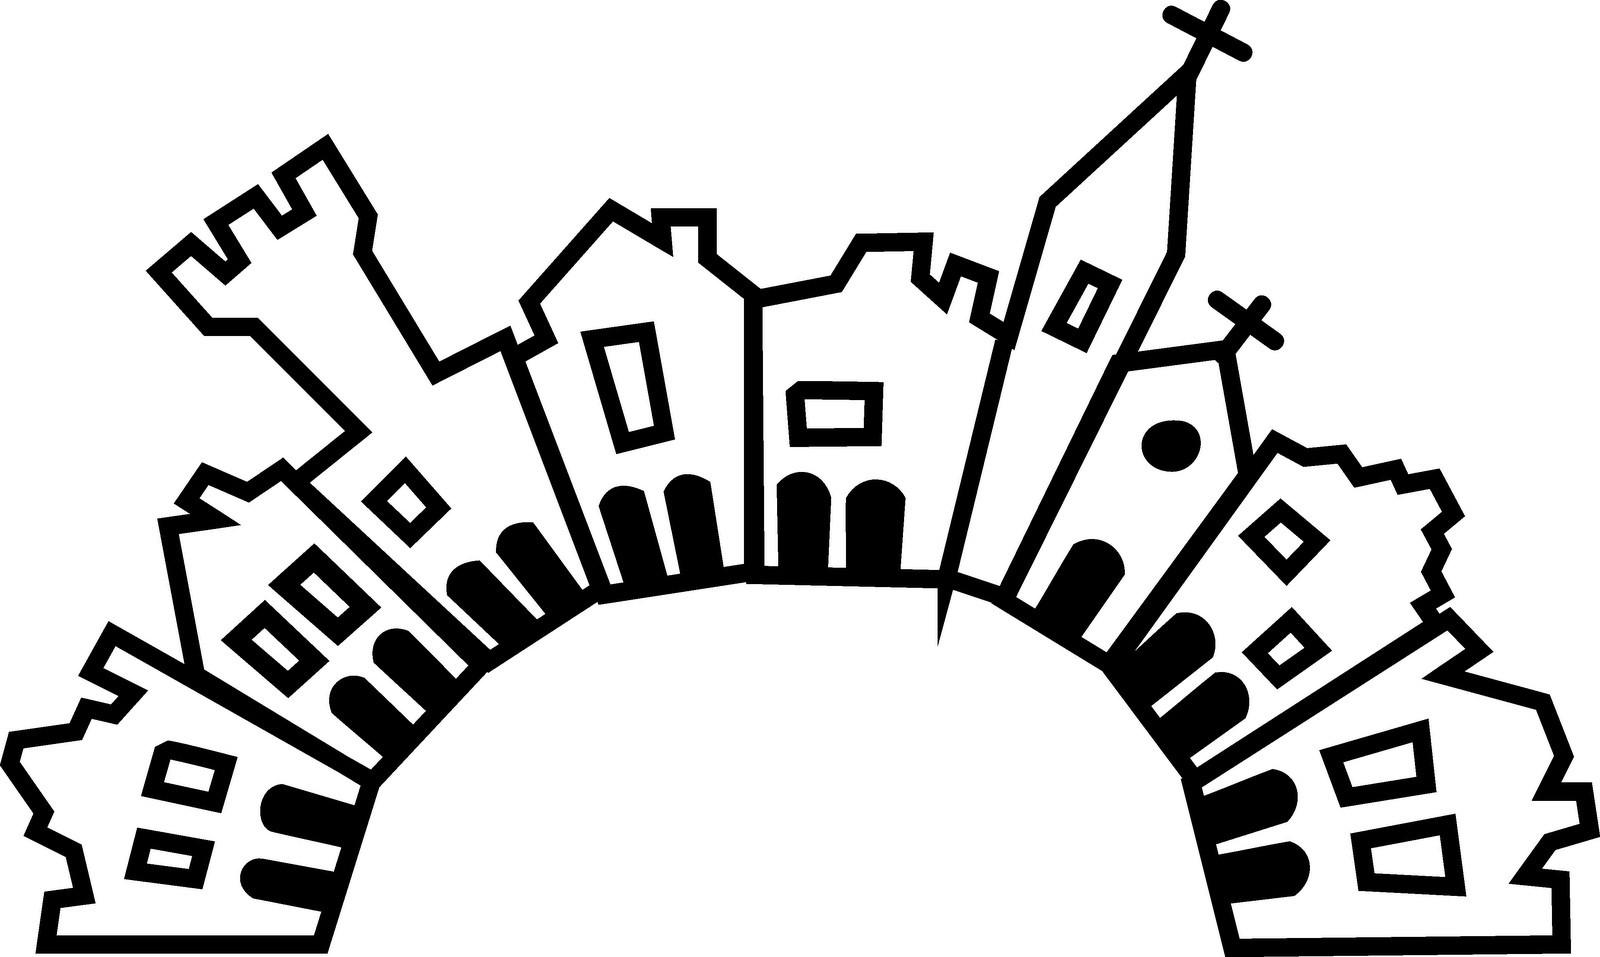 Parrocchia san giovanni battista blog archive for Puoi ottenere un prestito per la terra